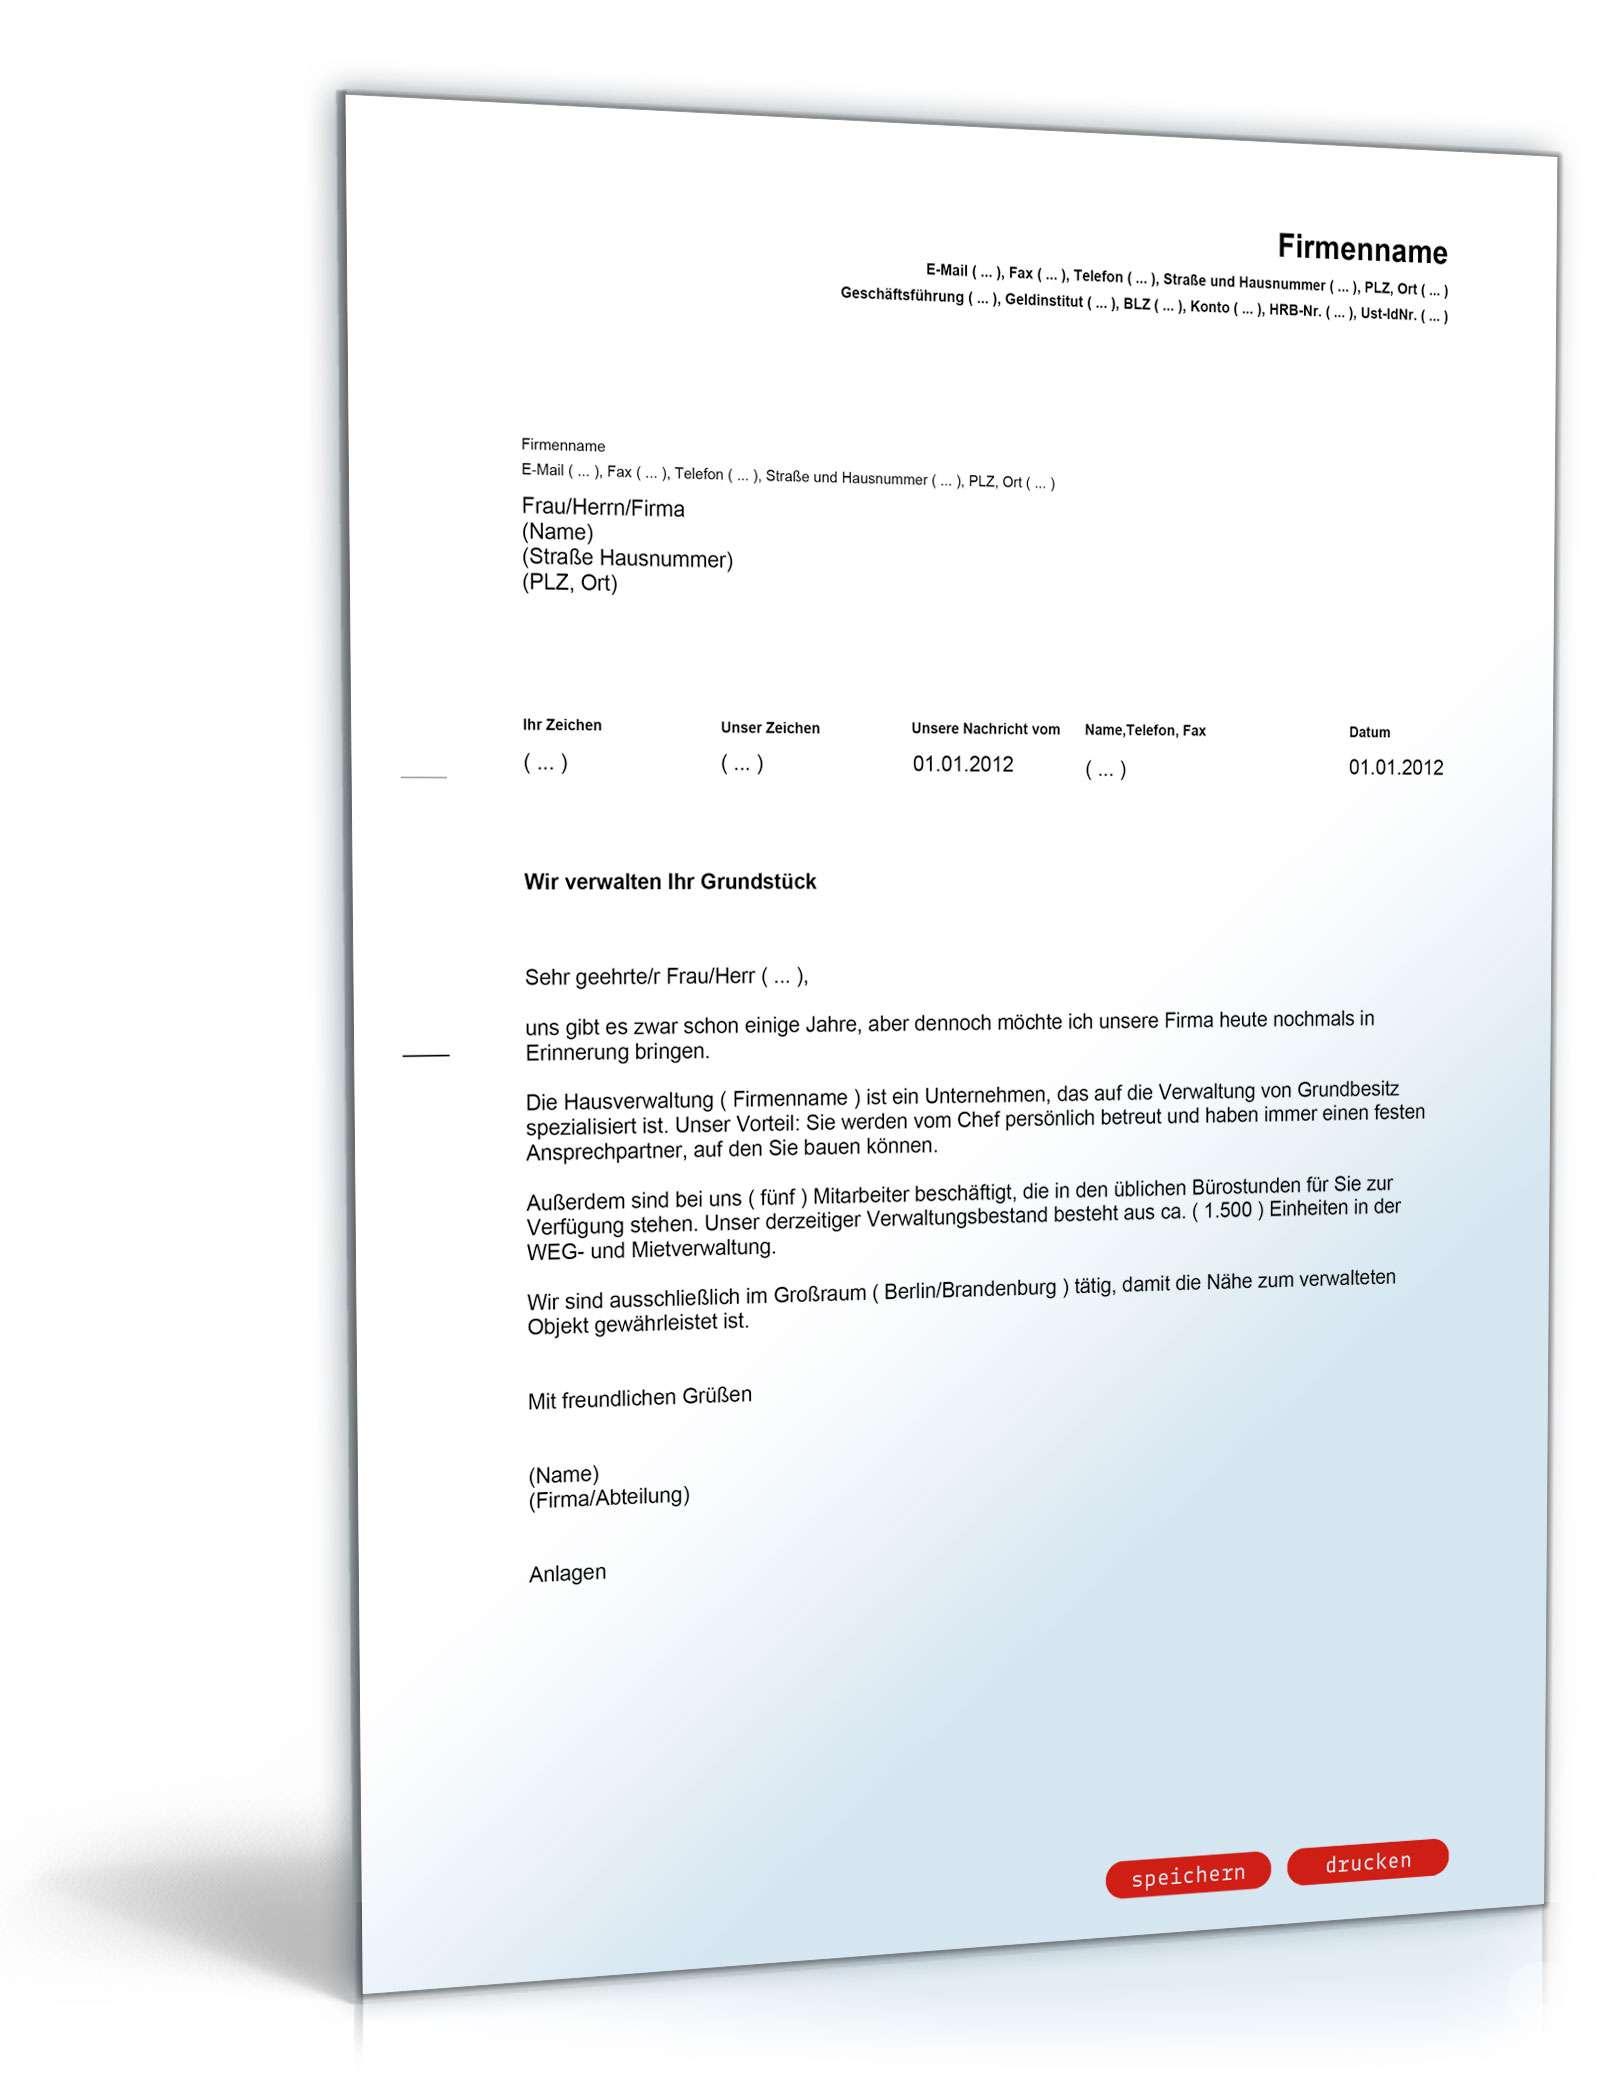 Ausgezeichnet Fax Deckblatt Vorlage Galerie - Beispiel ...